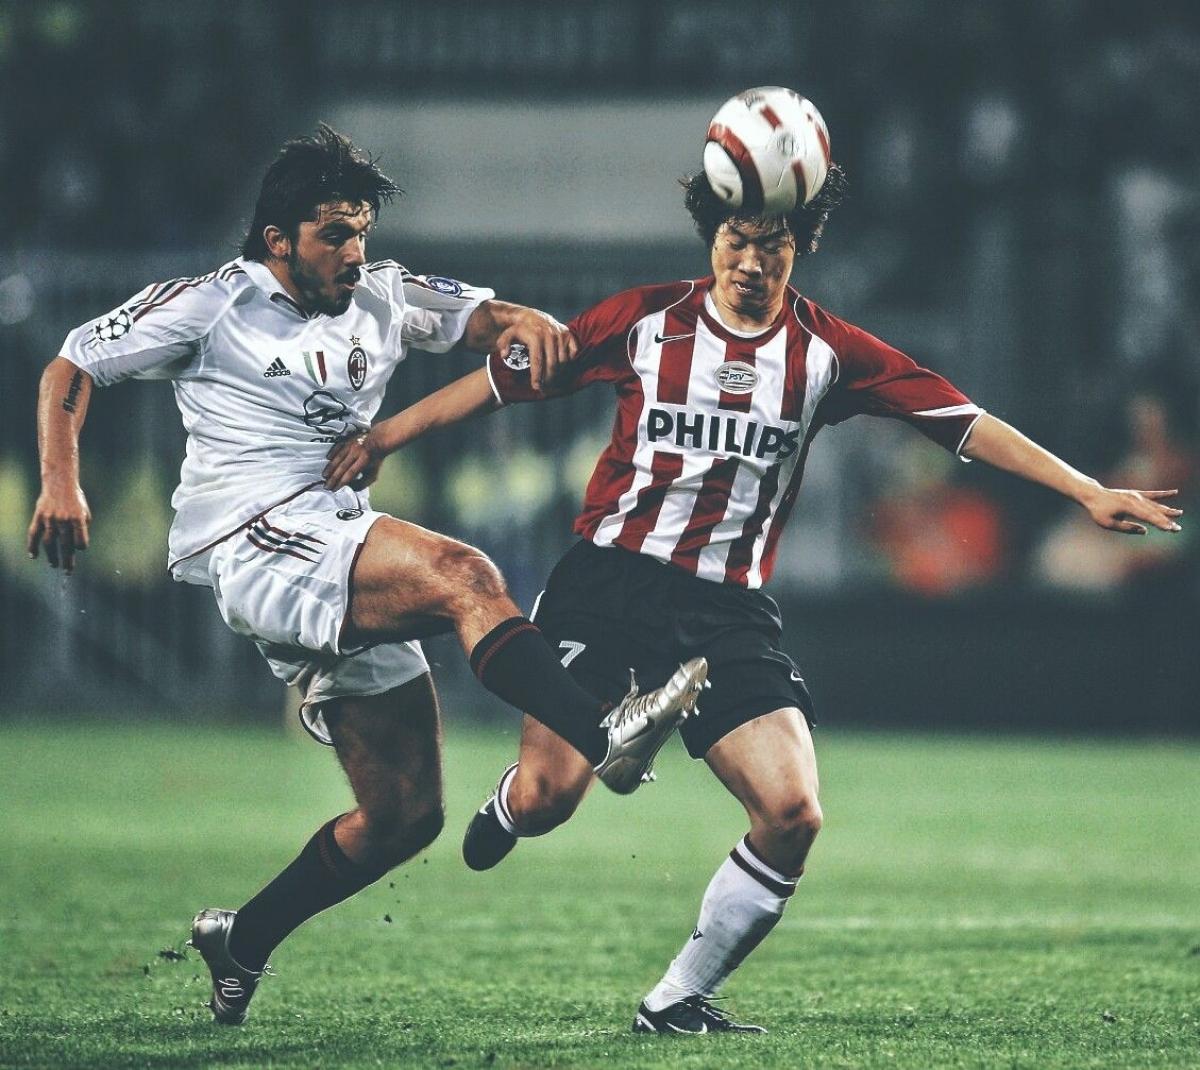 Ngày này 16 năm trước, Park Ji Sung để lại dấu ấn đậm nét ở bán kết Champions League. (Ảnh: Getty).